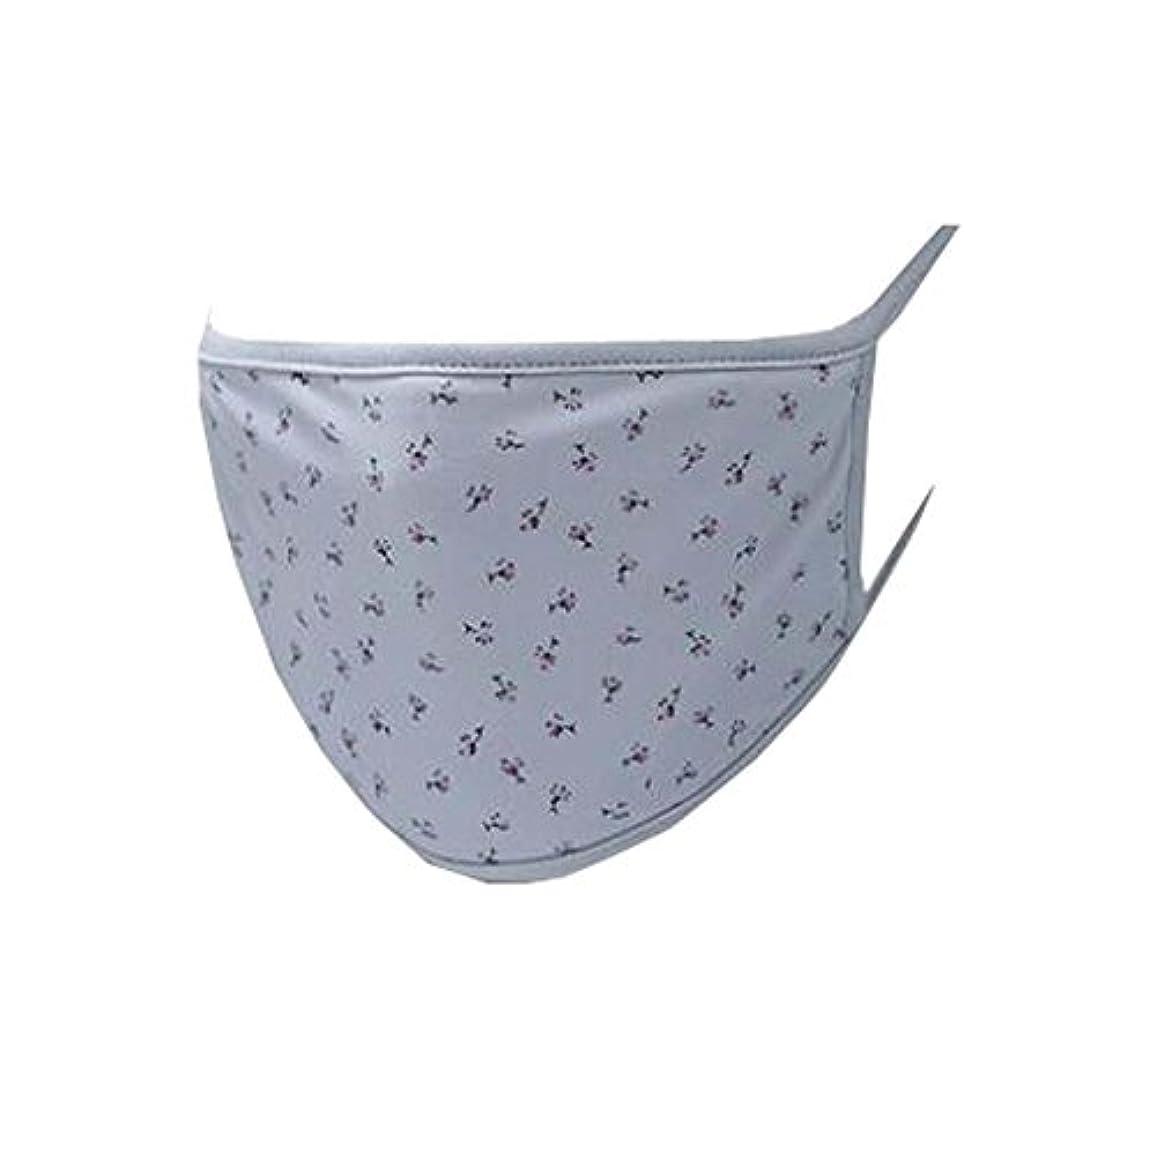 ボルト十一若い口マスク、再利用可能フィルター - 埃、花粉、アレルゲン、抗UV、およびインフルエンザ菌 - E